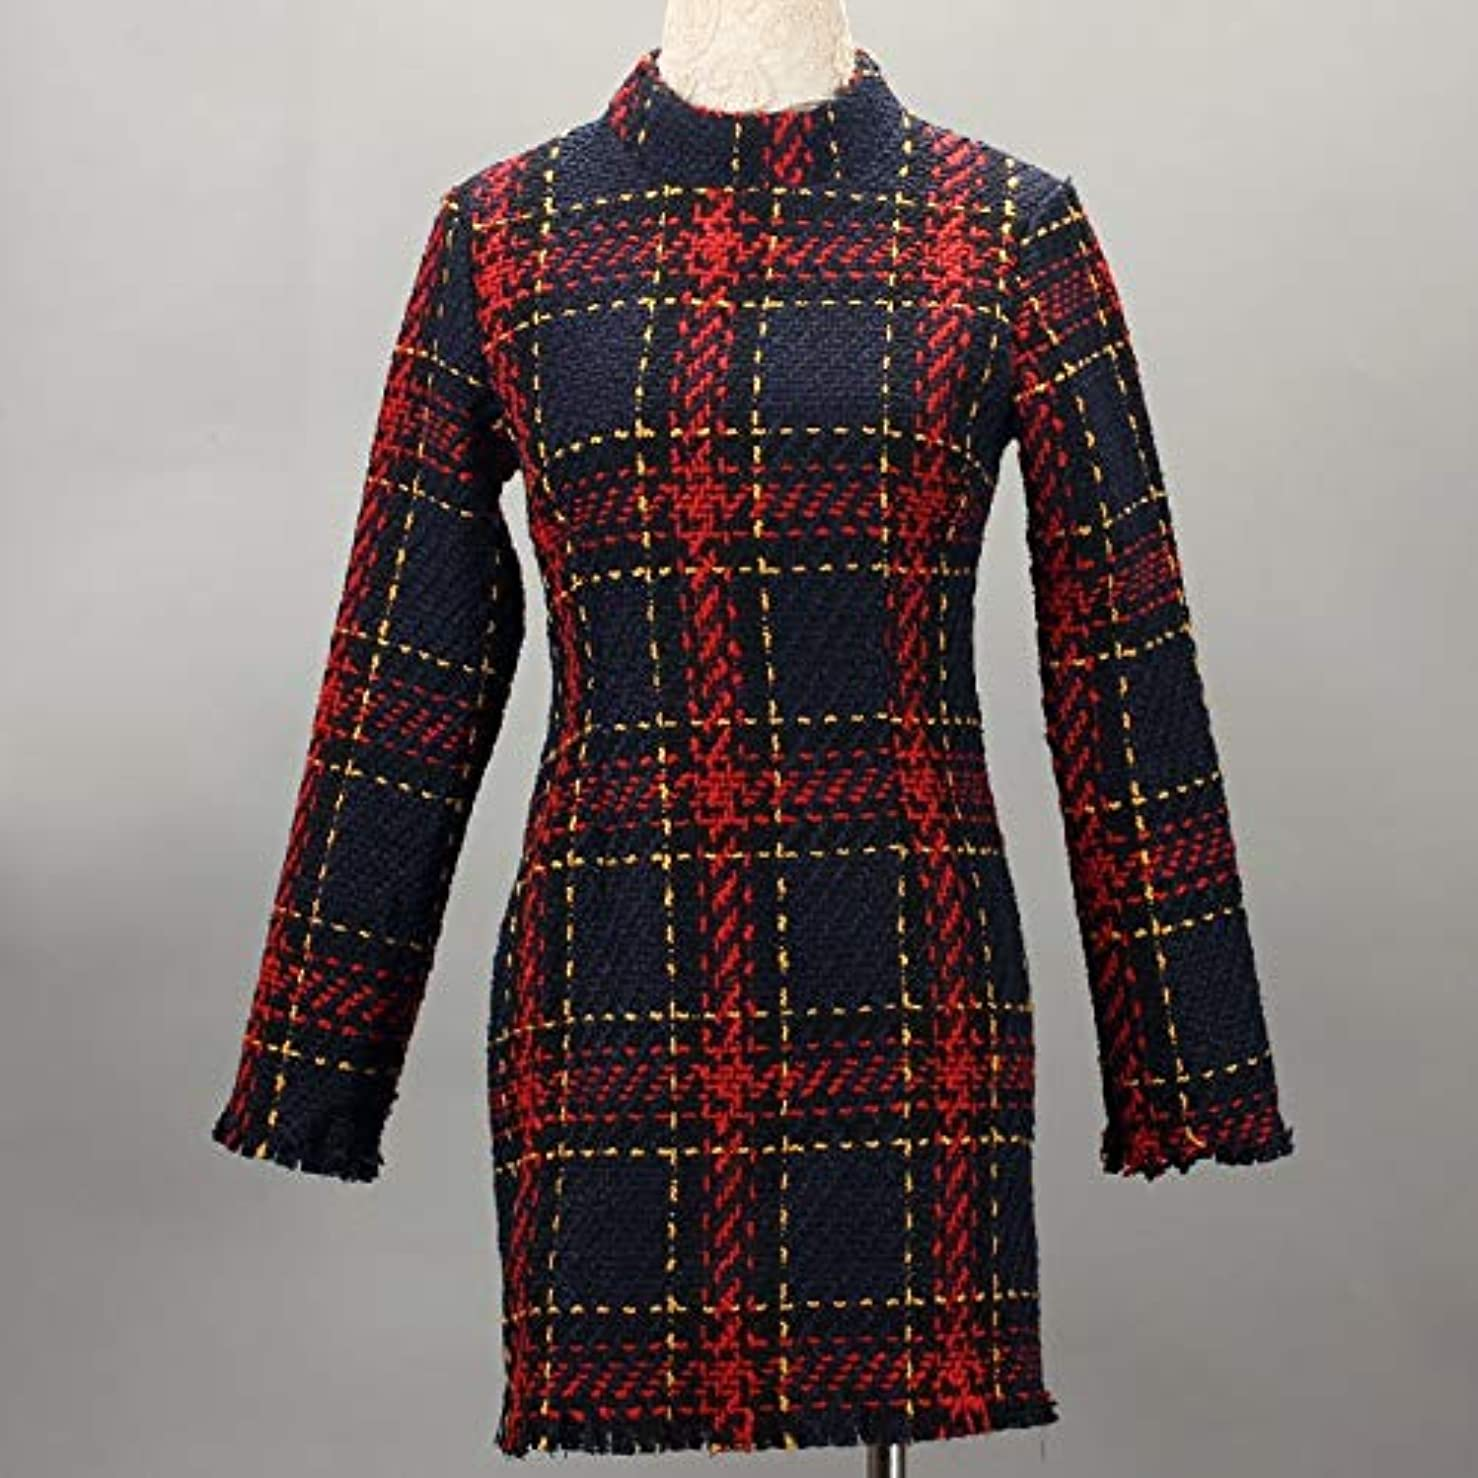 かみそりレモン第二Onderroa - ファッション冬のドレスの女性は、ストライプ長袖スリムスキニーセクシーなミニボディコンヴィンテージvestidosドレスの女性を印刷PLAID